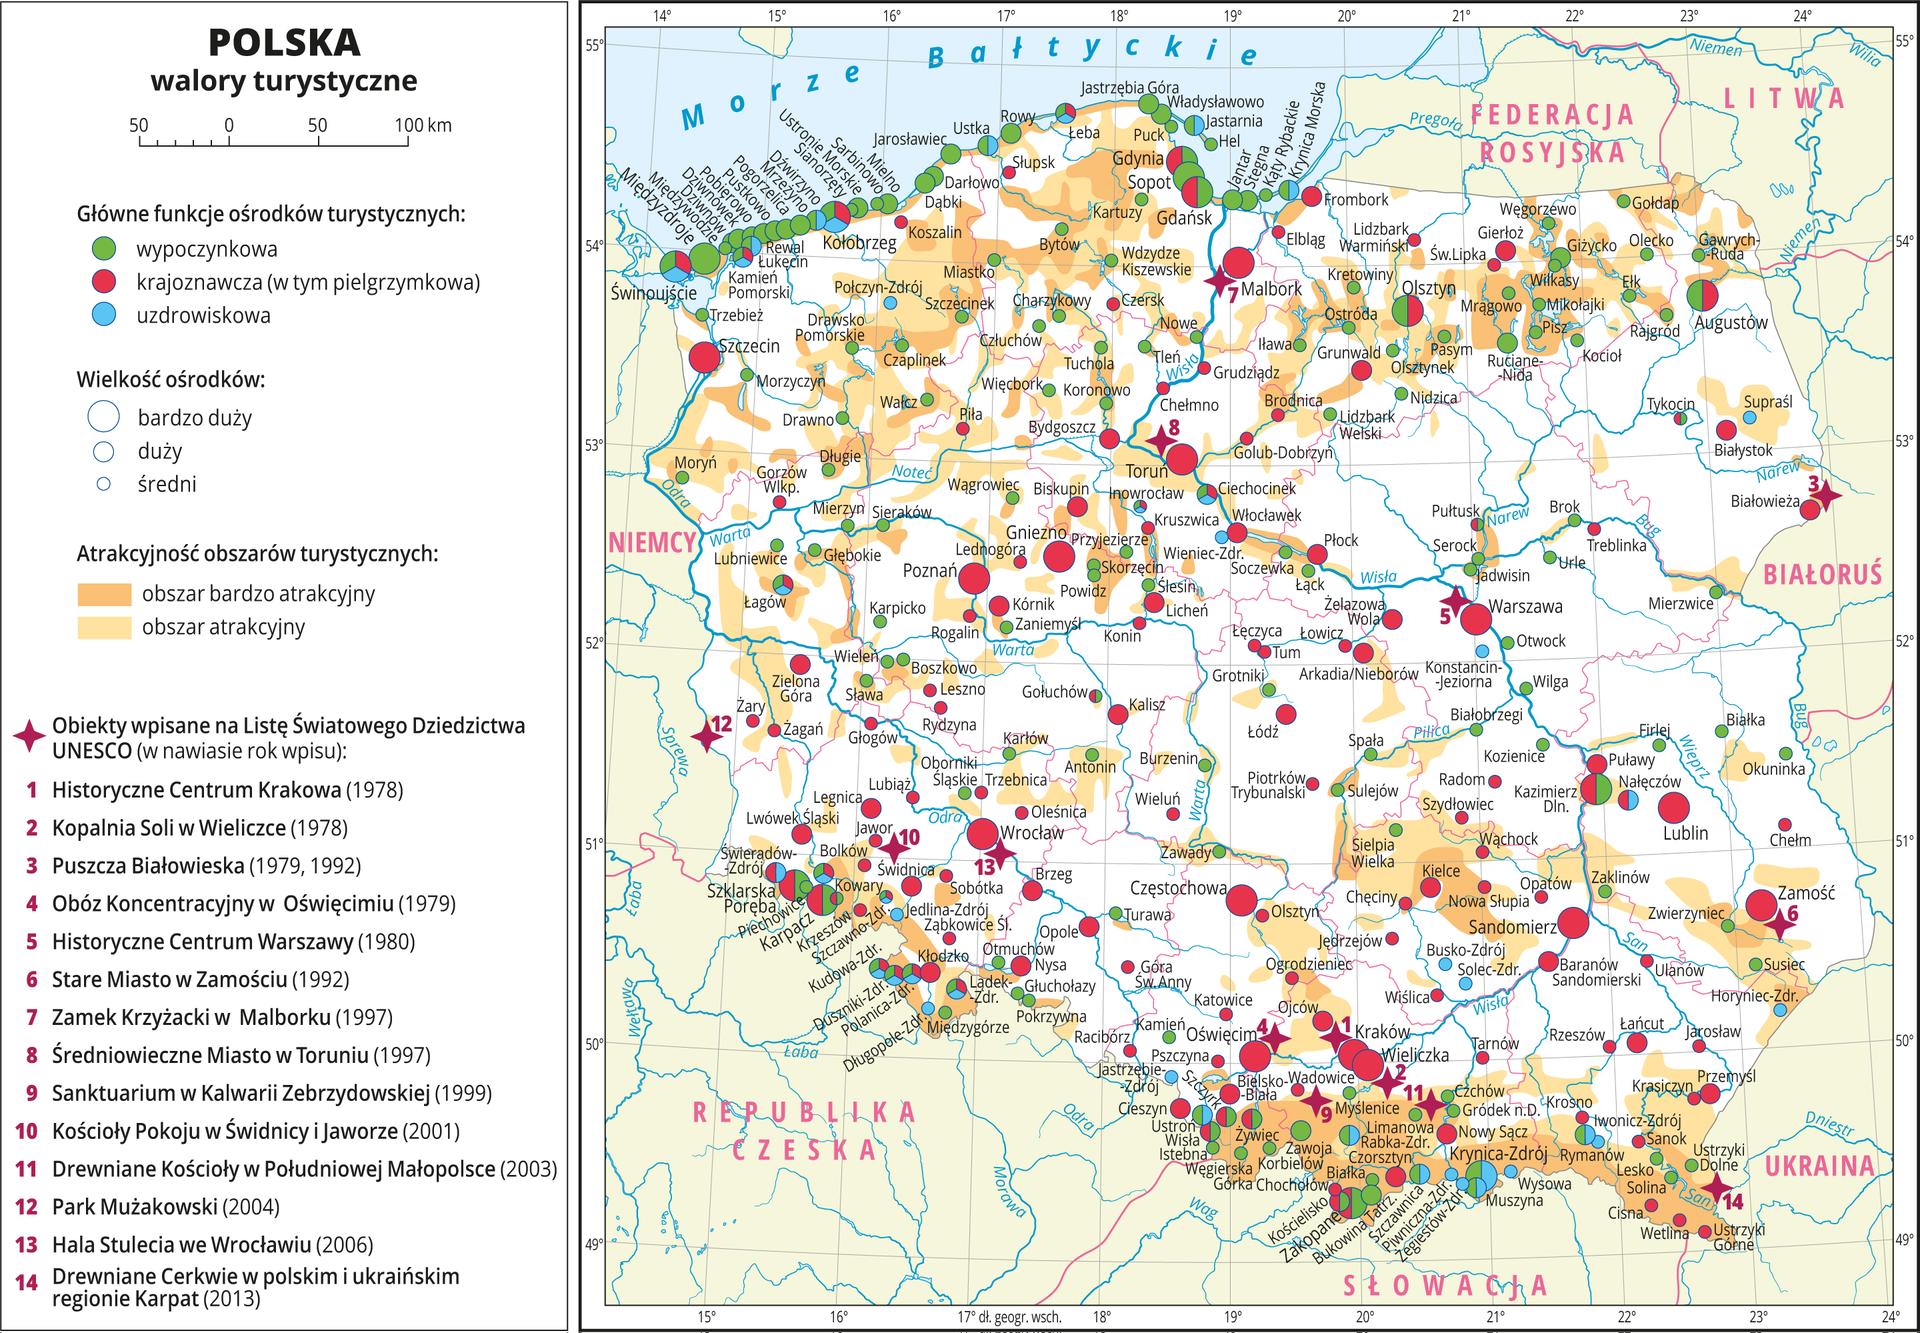 Ilustracja przedstawia mapę Polski. Na mapie przedstawiono walory turystyczne. Główne ośrodki turystyczne podzielono na wypoczynkowe, krajoznawcze iuzdrowiskowe iprzedstawiono wpostaci kół wkolorze zielonym, czerwonym iniebieskim. Nad morzem, nad jeziorami iwgórach oznaczono ośrodki turystyczne. Część znich pełni jednocześnie kilka funkcji, więc sygnatury kół, którymi je oznaczono są wróżnych kolorach. Wielkość ośrodków zróżnicowano wielkością sygnatur. Największe oznaczono dużymi kółkami isą to głównie miasta wojewódzkie, ale również popularne miejscowości wypoczynkowe wgórach inad morzem jak Karpacz, Zakopane, Kołobrzeg czy Świnoujście. Wpozostałych rejonach czerwonym kółkiem oznaczono ośrodki krajoznawcze. Na mapie kolorem pomarańczowym oznaczono atrakcyjność obszarów turystycznych. Obszary atrakcyjne występują na pojezierzach, na Wyżynie Małopolskiej iwgórach. Na mapie oznaczono sygnaturą znumerem obiekty wpisane na Listę Światowego Dziedzictwa UNESCO. Ich nazwy wraz zrokiem wpisu na listę opisano wlegendzie mapy. Na mapie przedstawiono południki irównoleżniki. Dookoła mapy wramce opisano współrzędne geograficzne co jeden stopień. Wlegendzie zlewej strony mapy opisano znaki użyte na mapie.